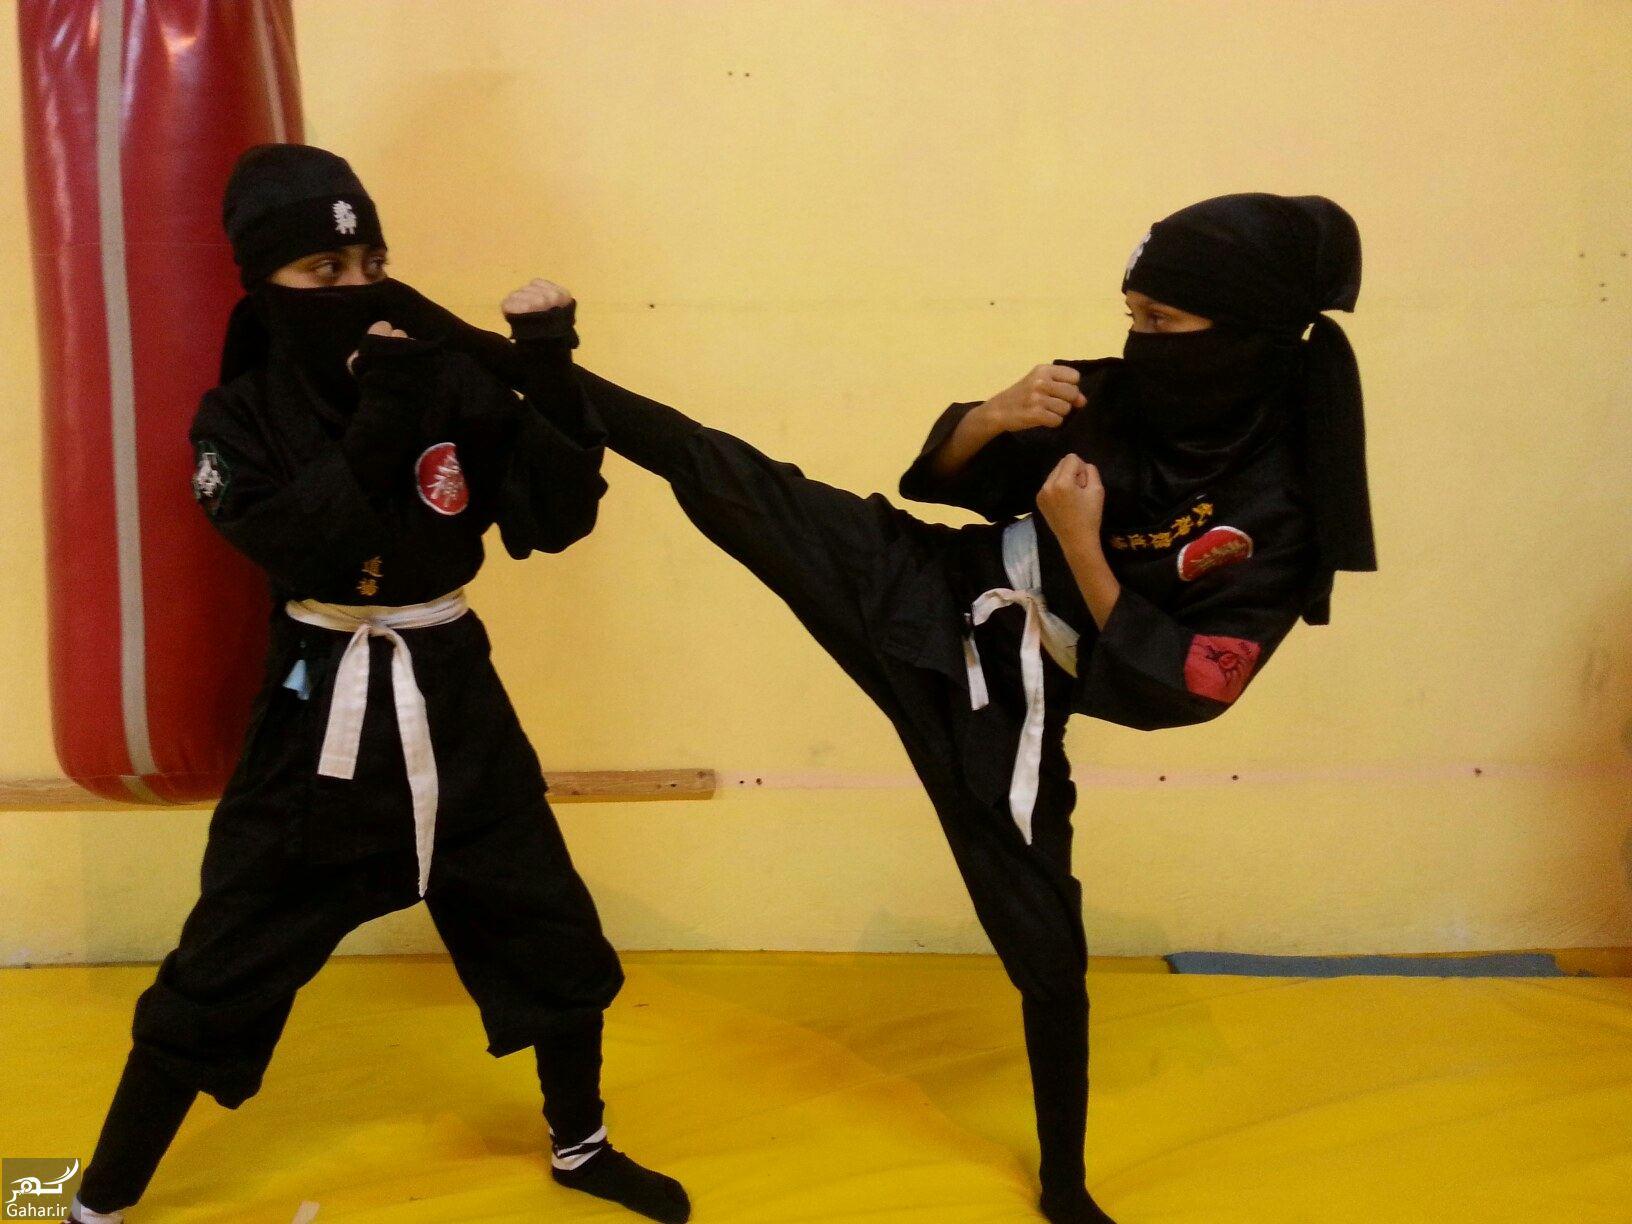 ورزش نینجا کودکان + دانستنیهایی درباره ورزش نینجا, جدید 1400 -گهر